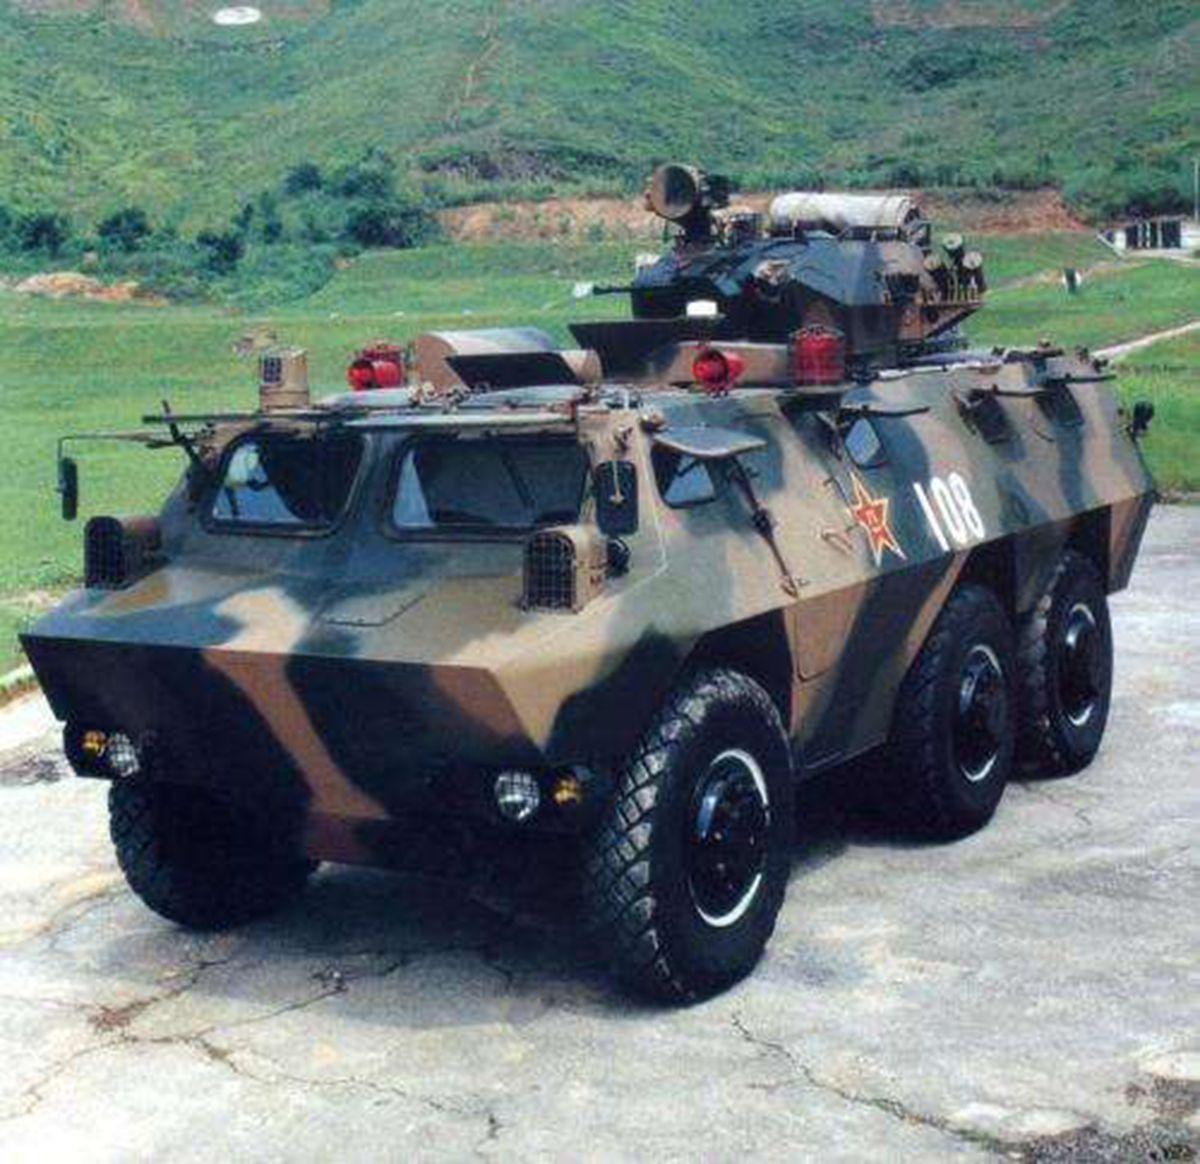 为什么轮式战车越来越多?军用轮胎技术发展的太快